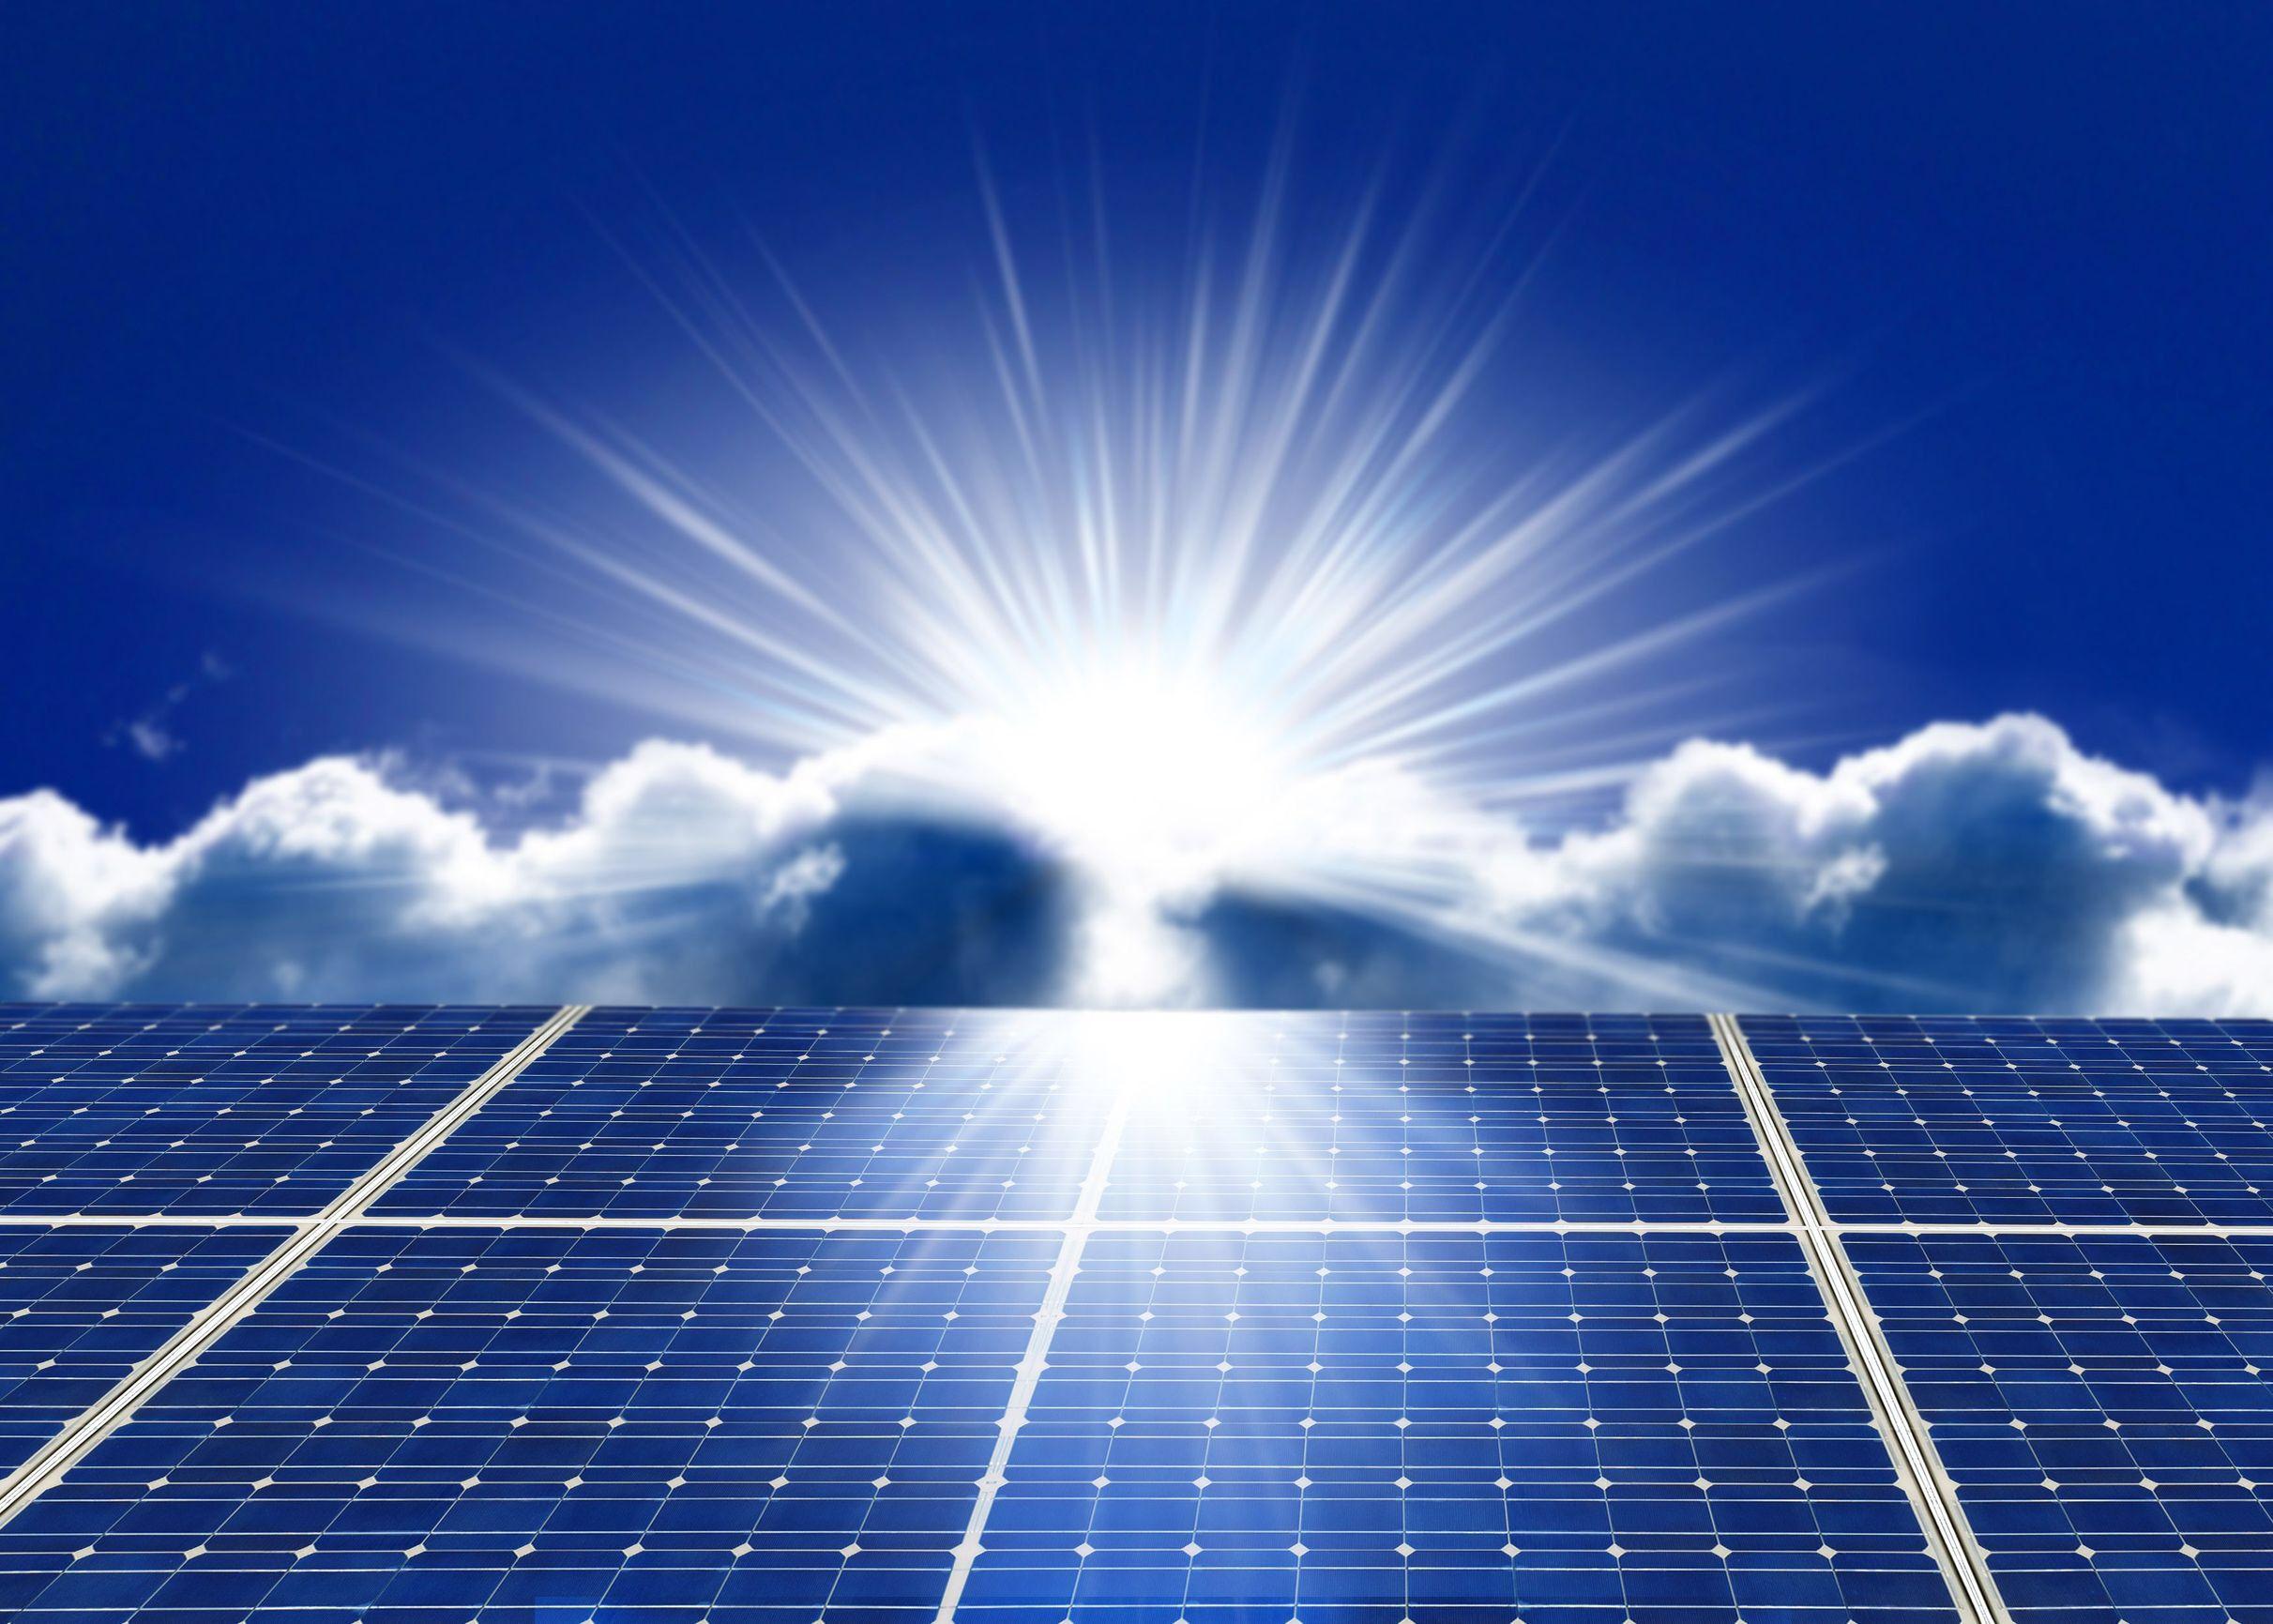 Uk Breaks Solar Record Generates 24 Percent Of Power From Solar Solar Panels Solar Installation Solar